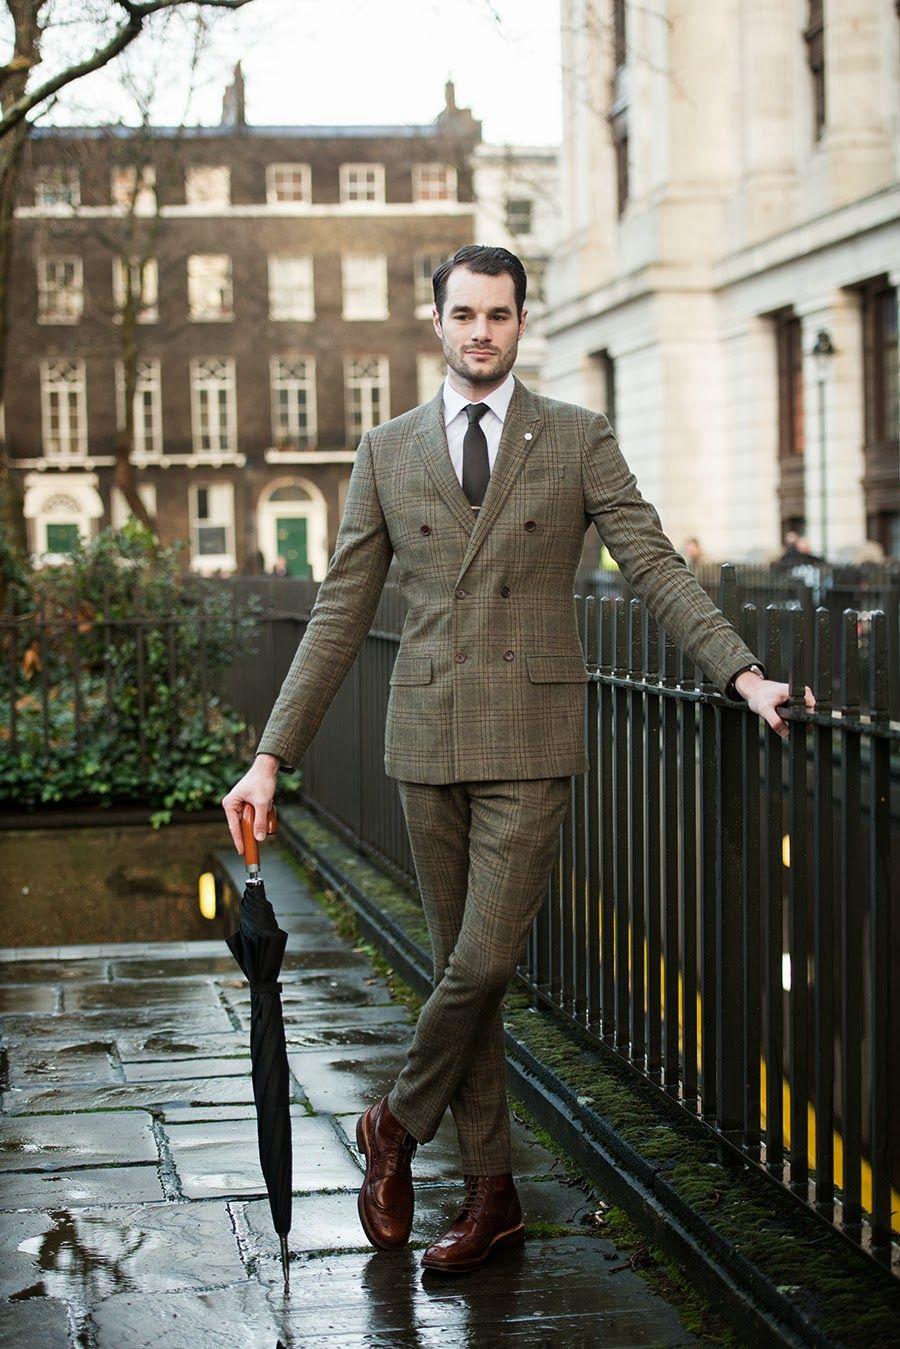 London Fashion Week 2014 F W Gentlemen League Looks In 2018